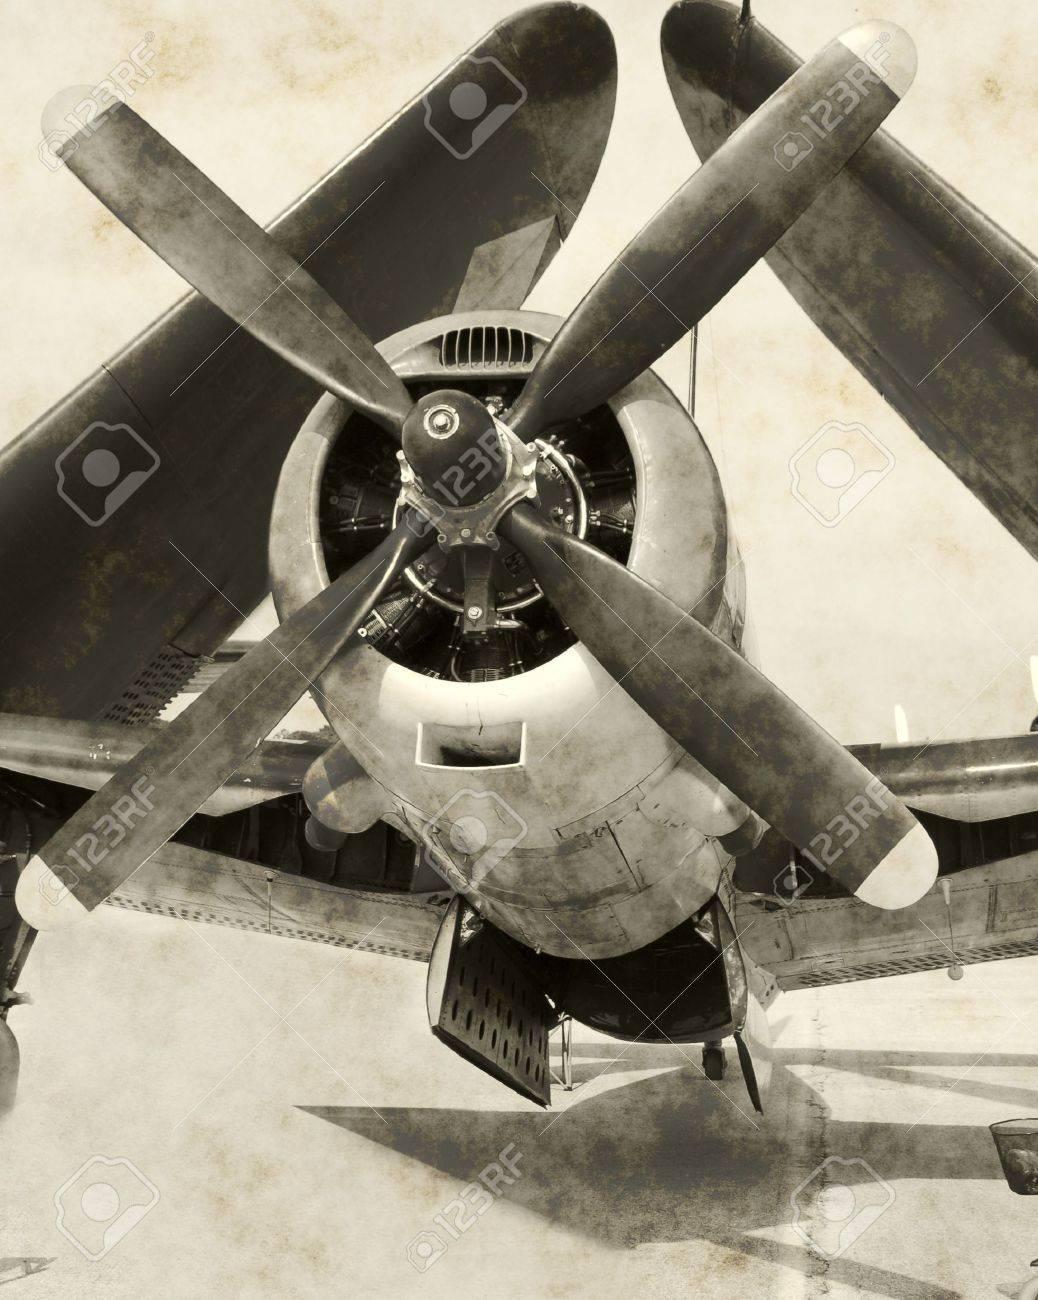 Di Età Compresa Tra Fotografia Storica La Seconda Guerra Mondiale Di Aeromobili Con Ali Pieghevoli